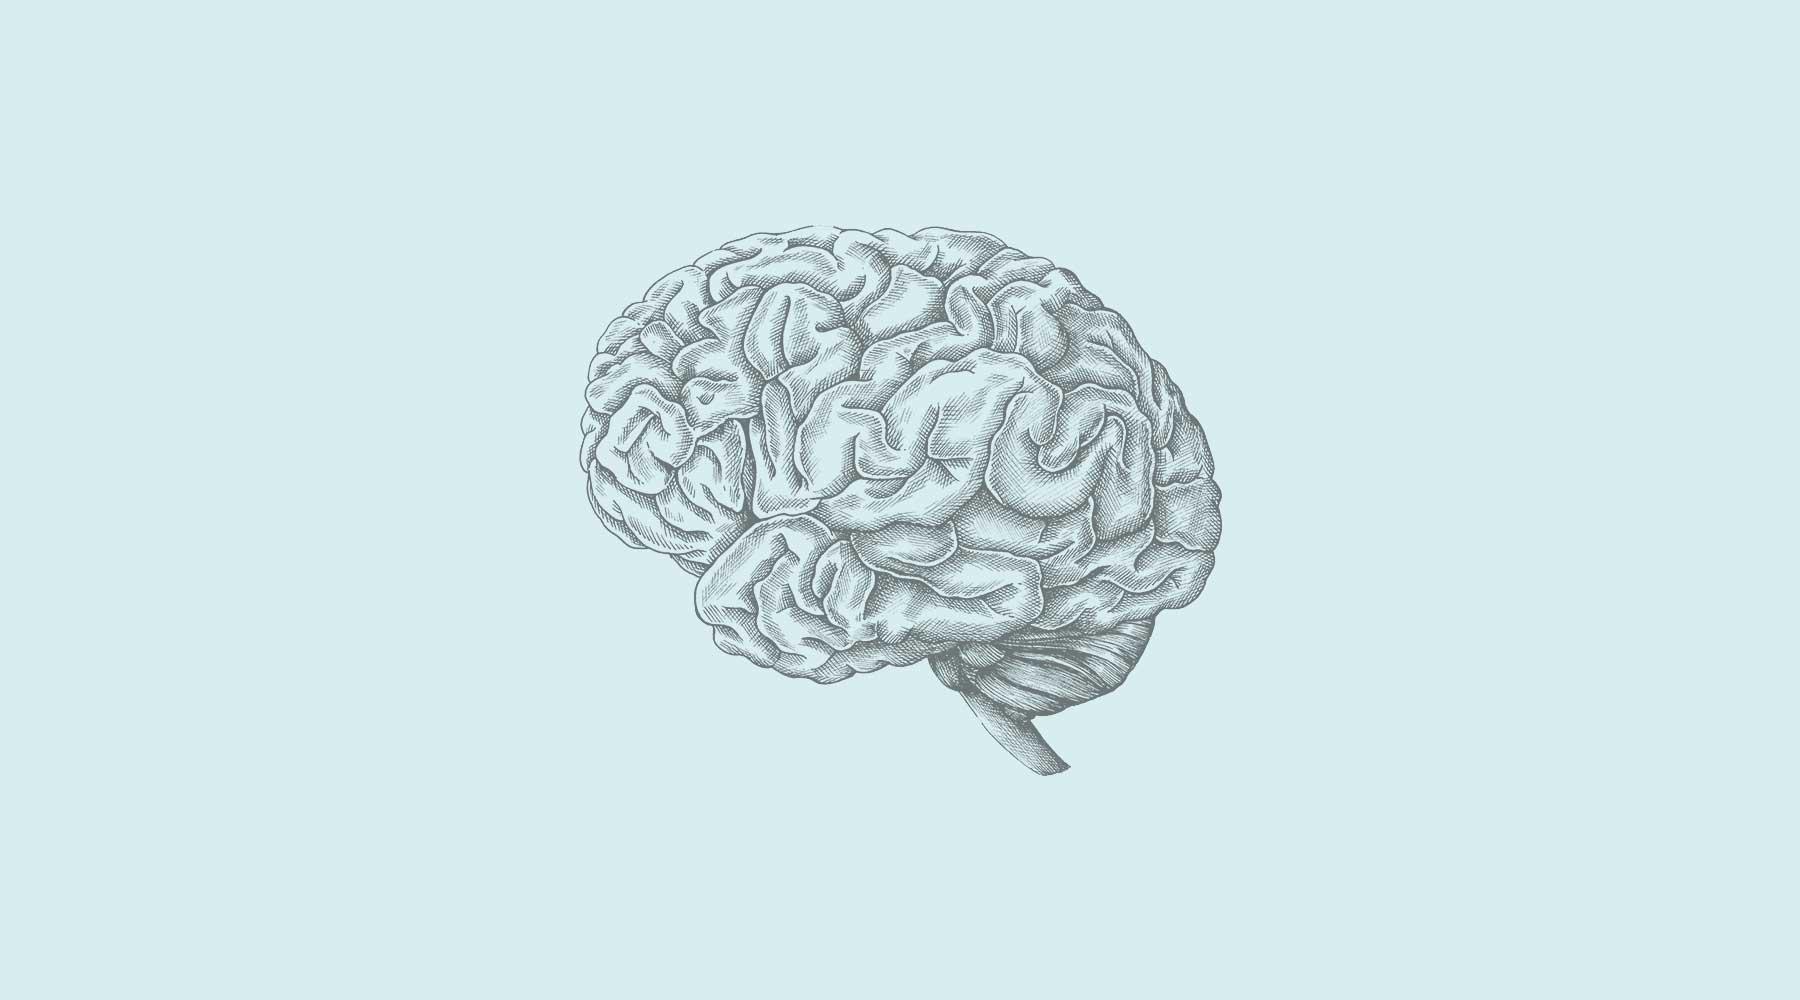 blog img migraine headaches brain treatments